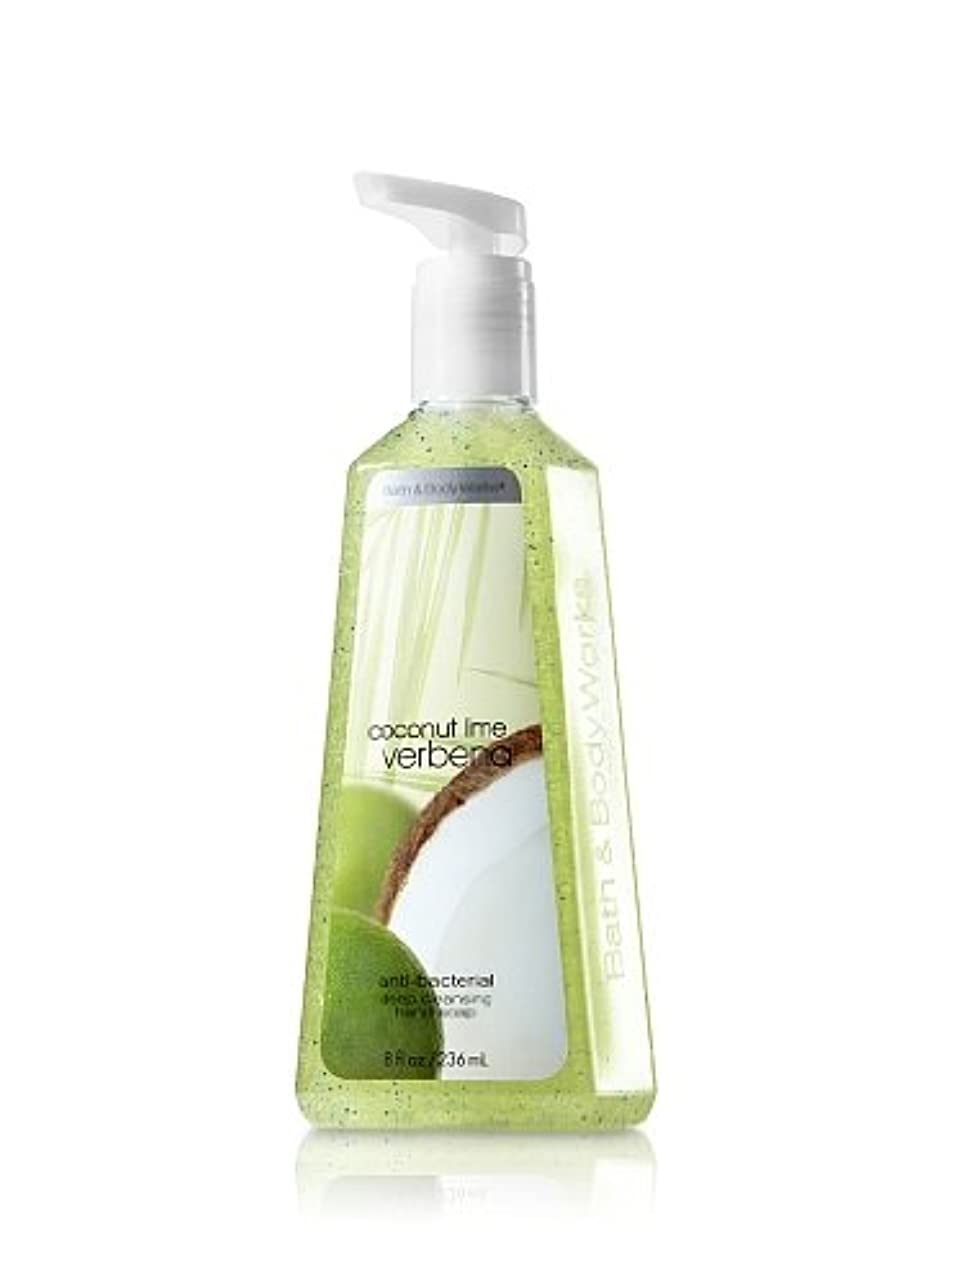 封筒不良品相手バス&ボディワークス ココナッツライムバーベナ ディープクレンジングハンドソープ Coconut Lime Verbena Deep Cleansing Hand Soap [海外直送品]